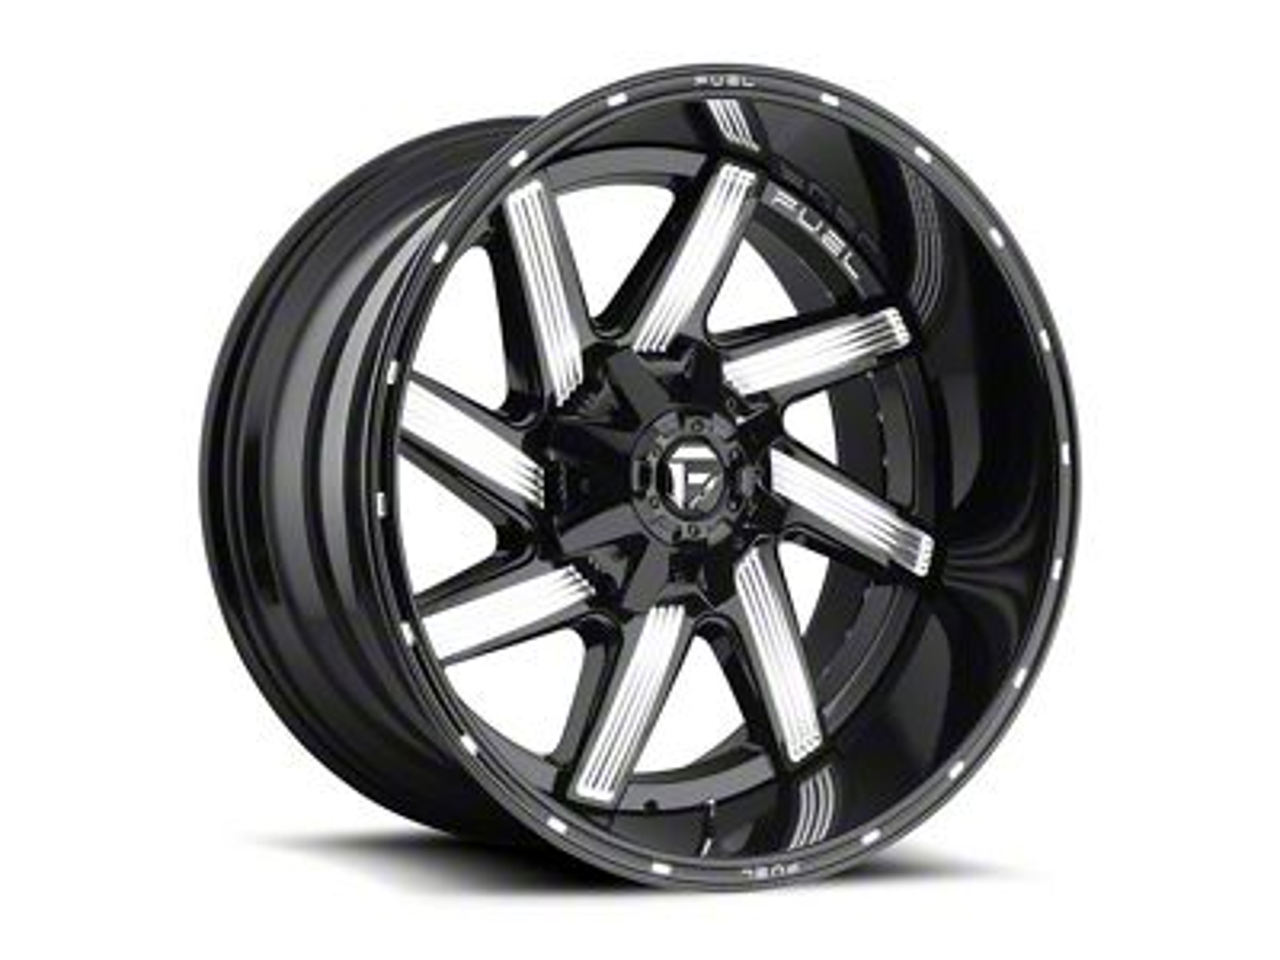 Fuel Wheels Moab Gloss Black Milled 6-Lug Wheel - 22x14 (99-18 Silverado 1500)